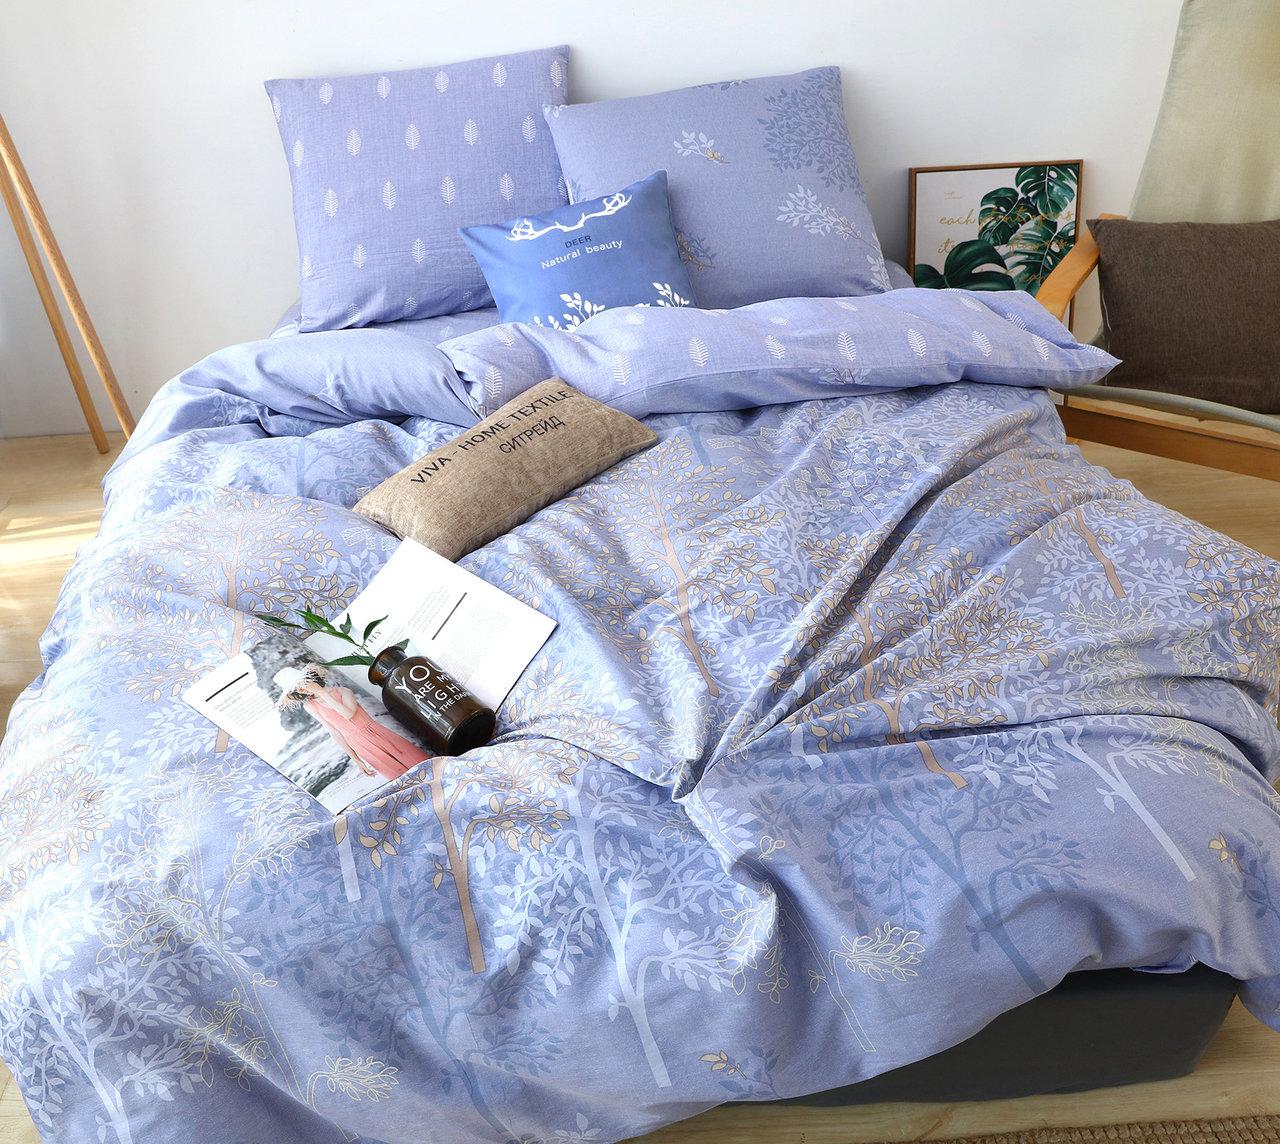 текстиль для дома постельные принадлежности в орске